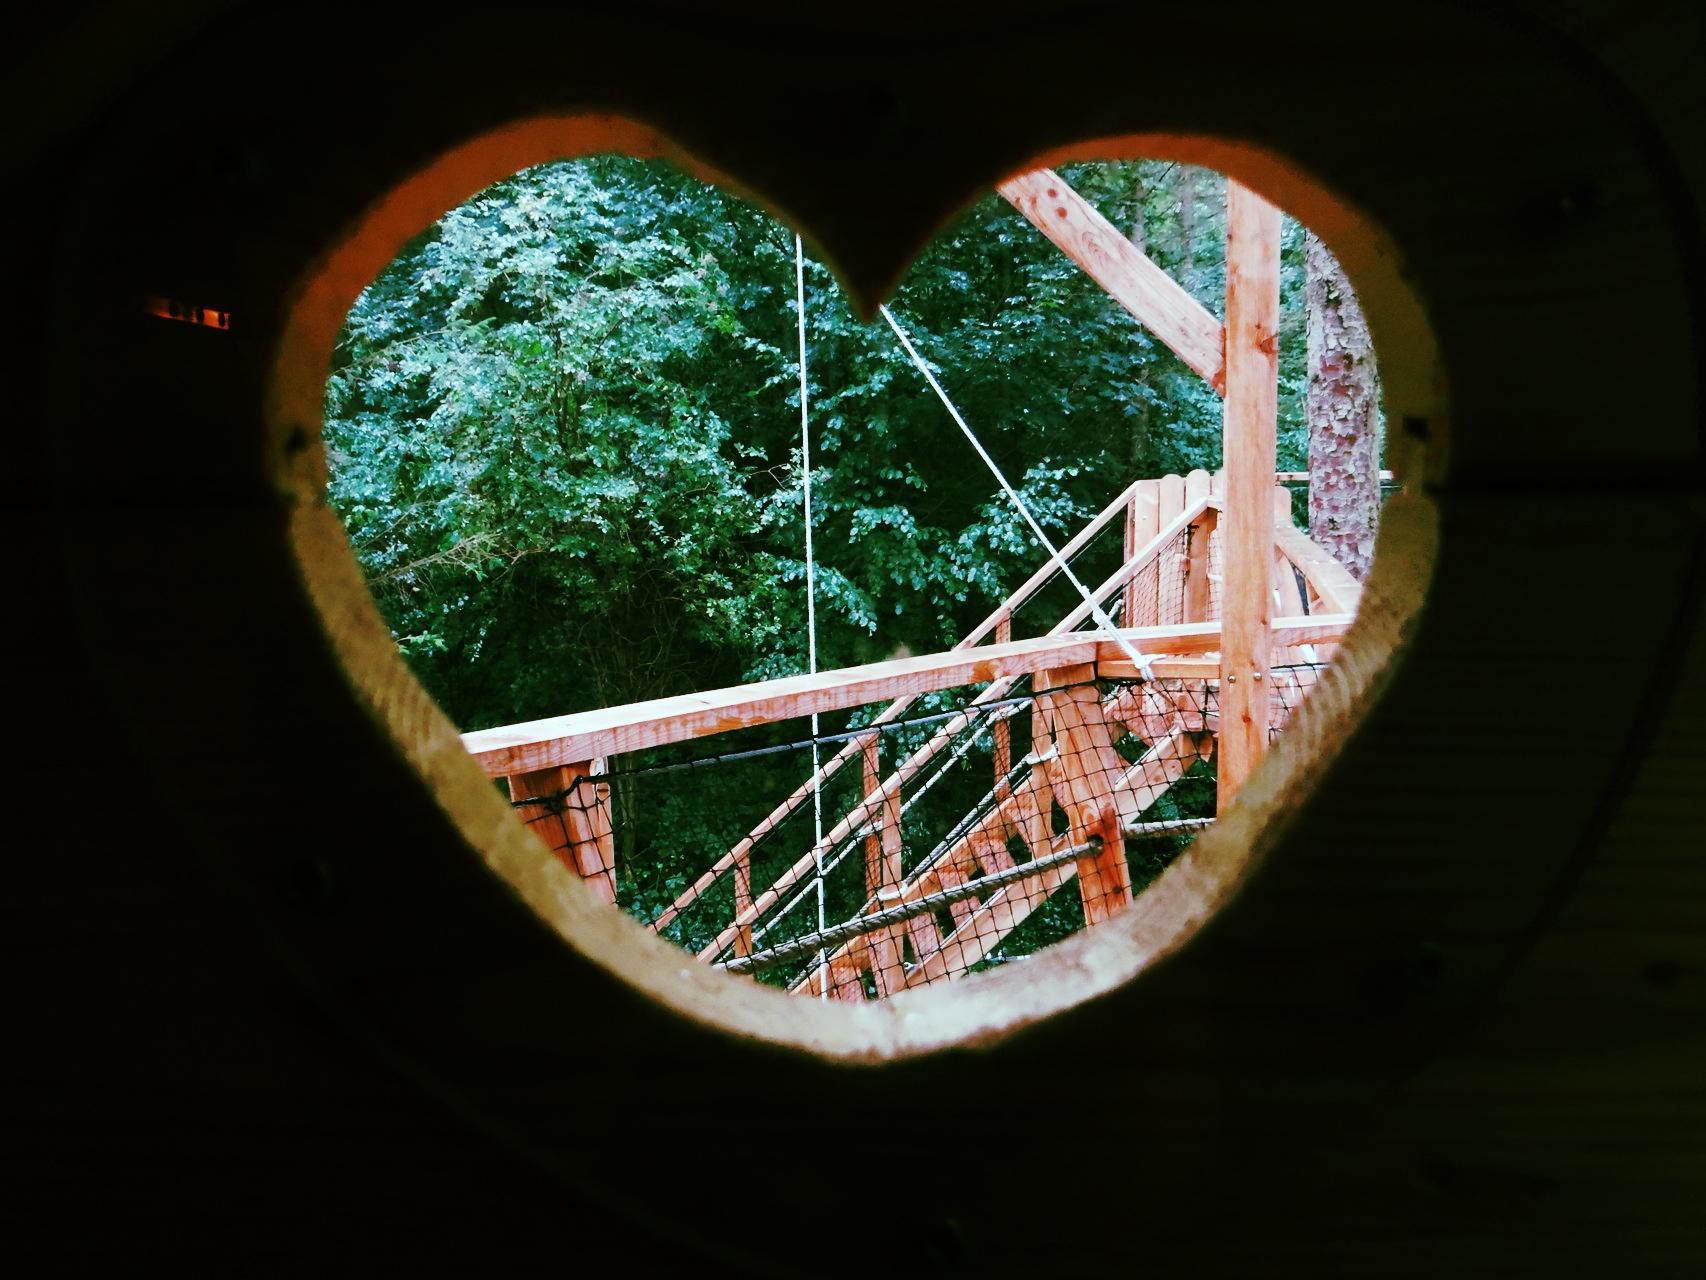 Réserver un séjour insolite dans la cabane romantique en Baie de Somme